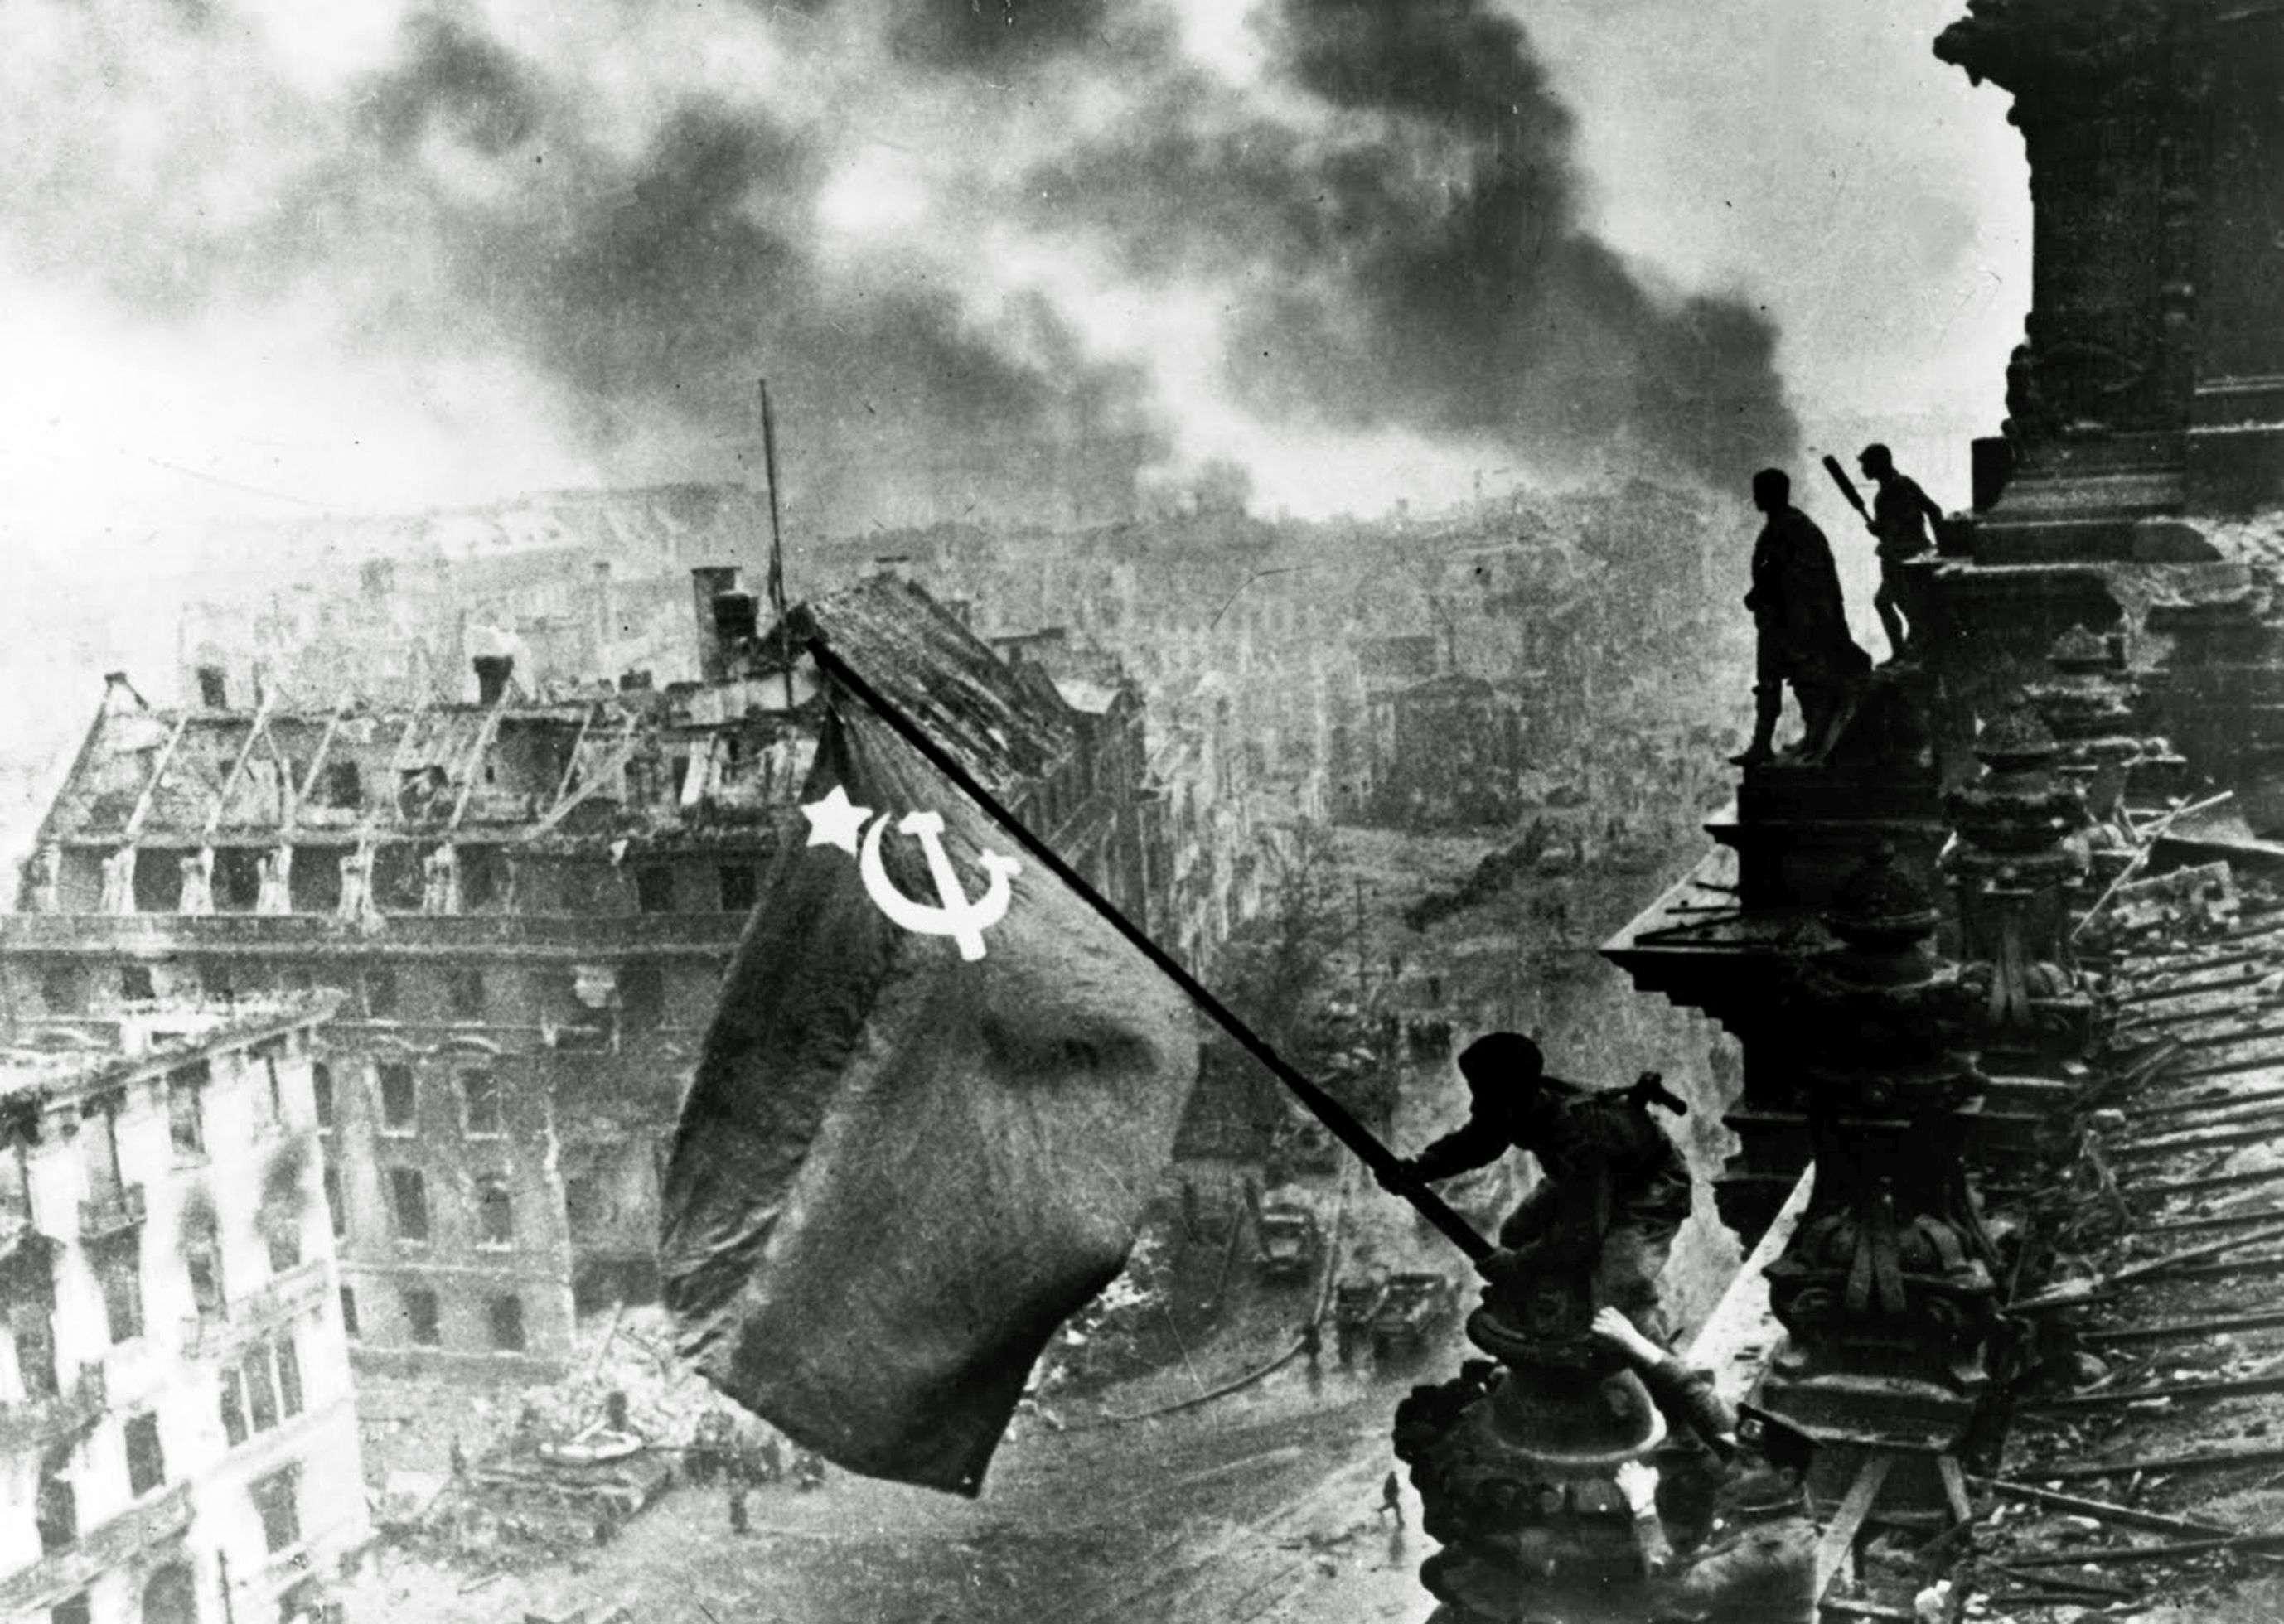 Πολλοί ισχυρίζονται ότι ο Στάλιν ήταν ο καταλύτης για τη συντριβή του ναζισμού στην Ευρώπη.